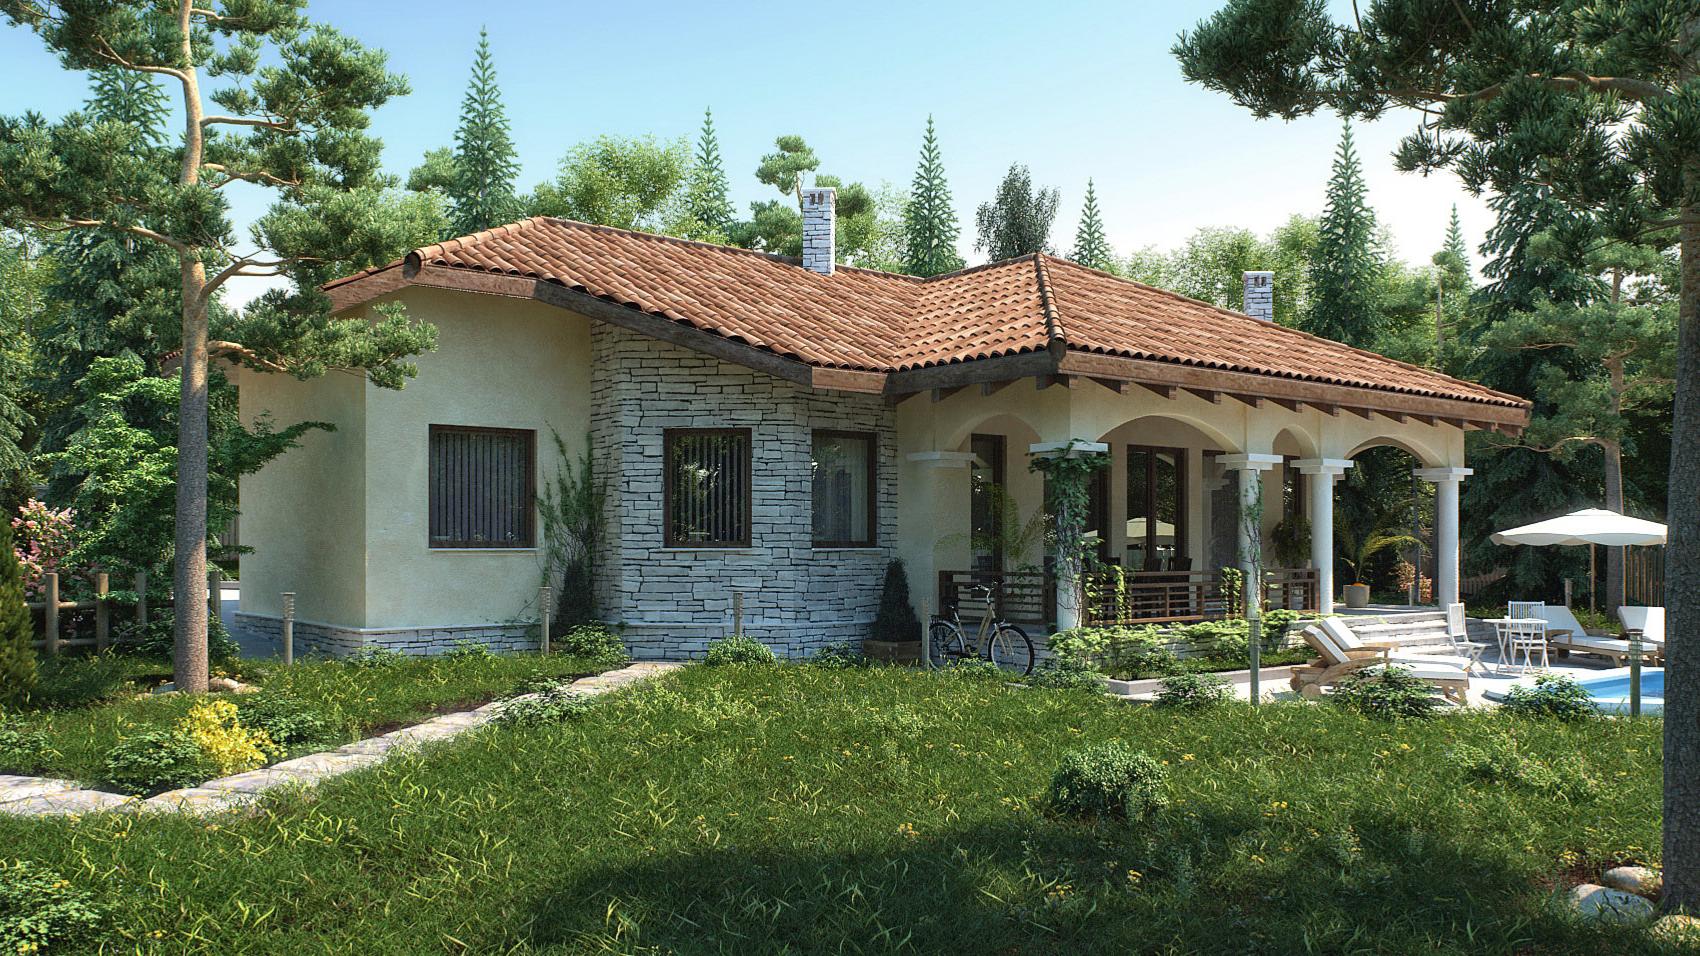 Maison d'un étage avec façade en pierre